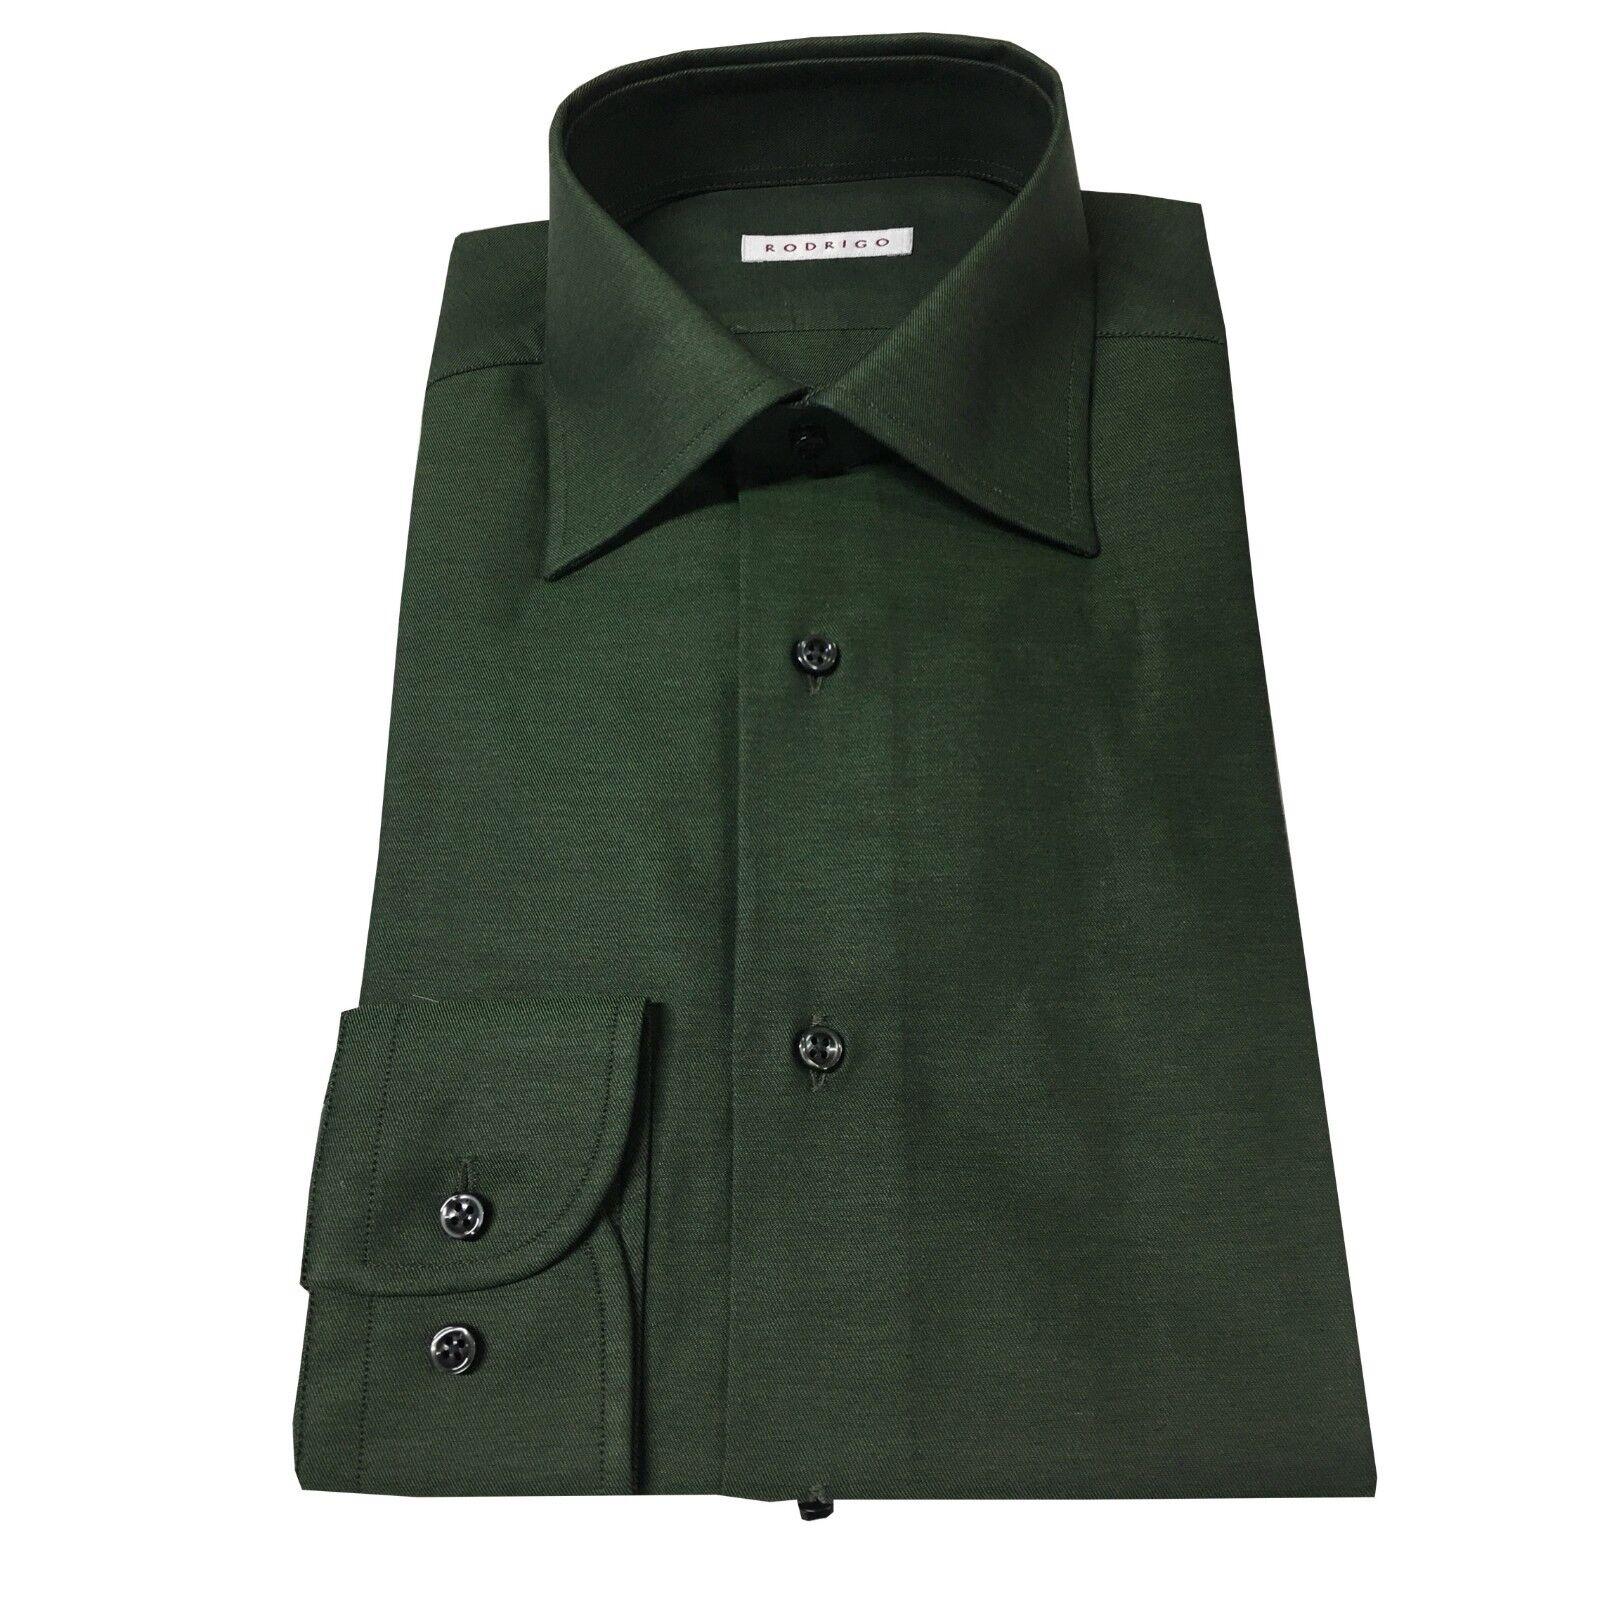 RODRIGO camicia uomo verde JE95 100 % cotone vest. regolare MADE IN ITALY